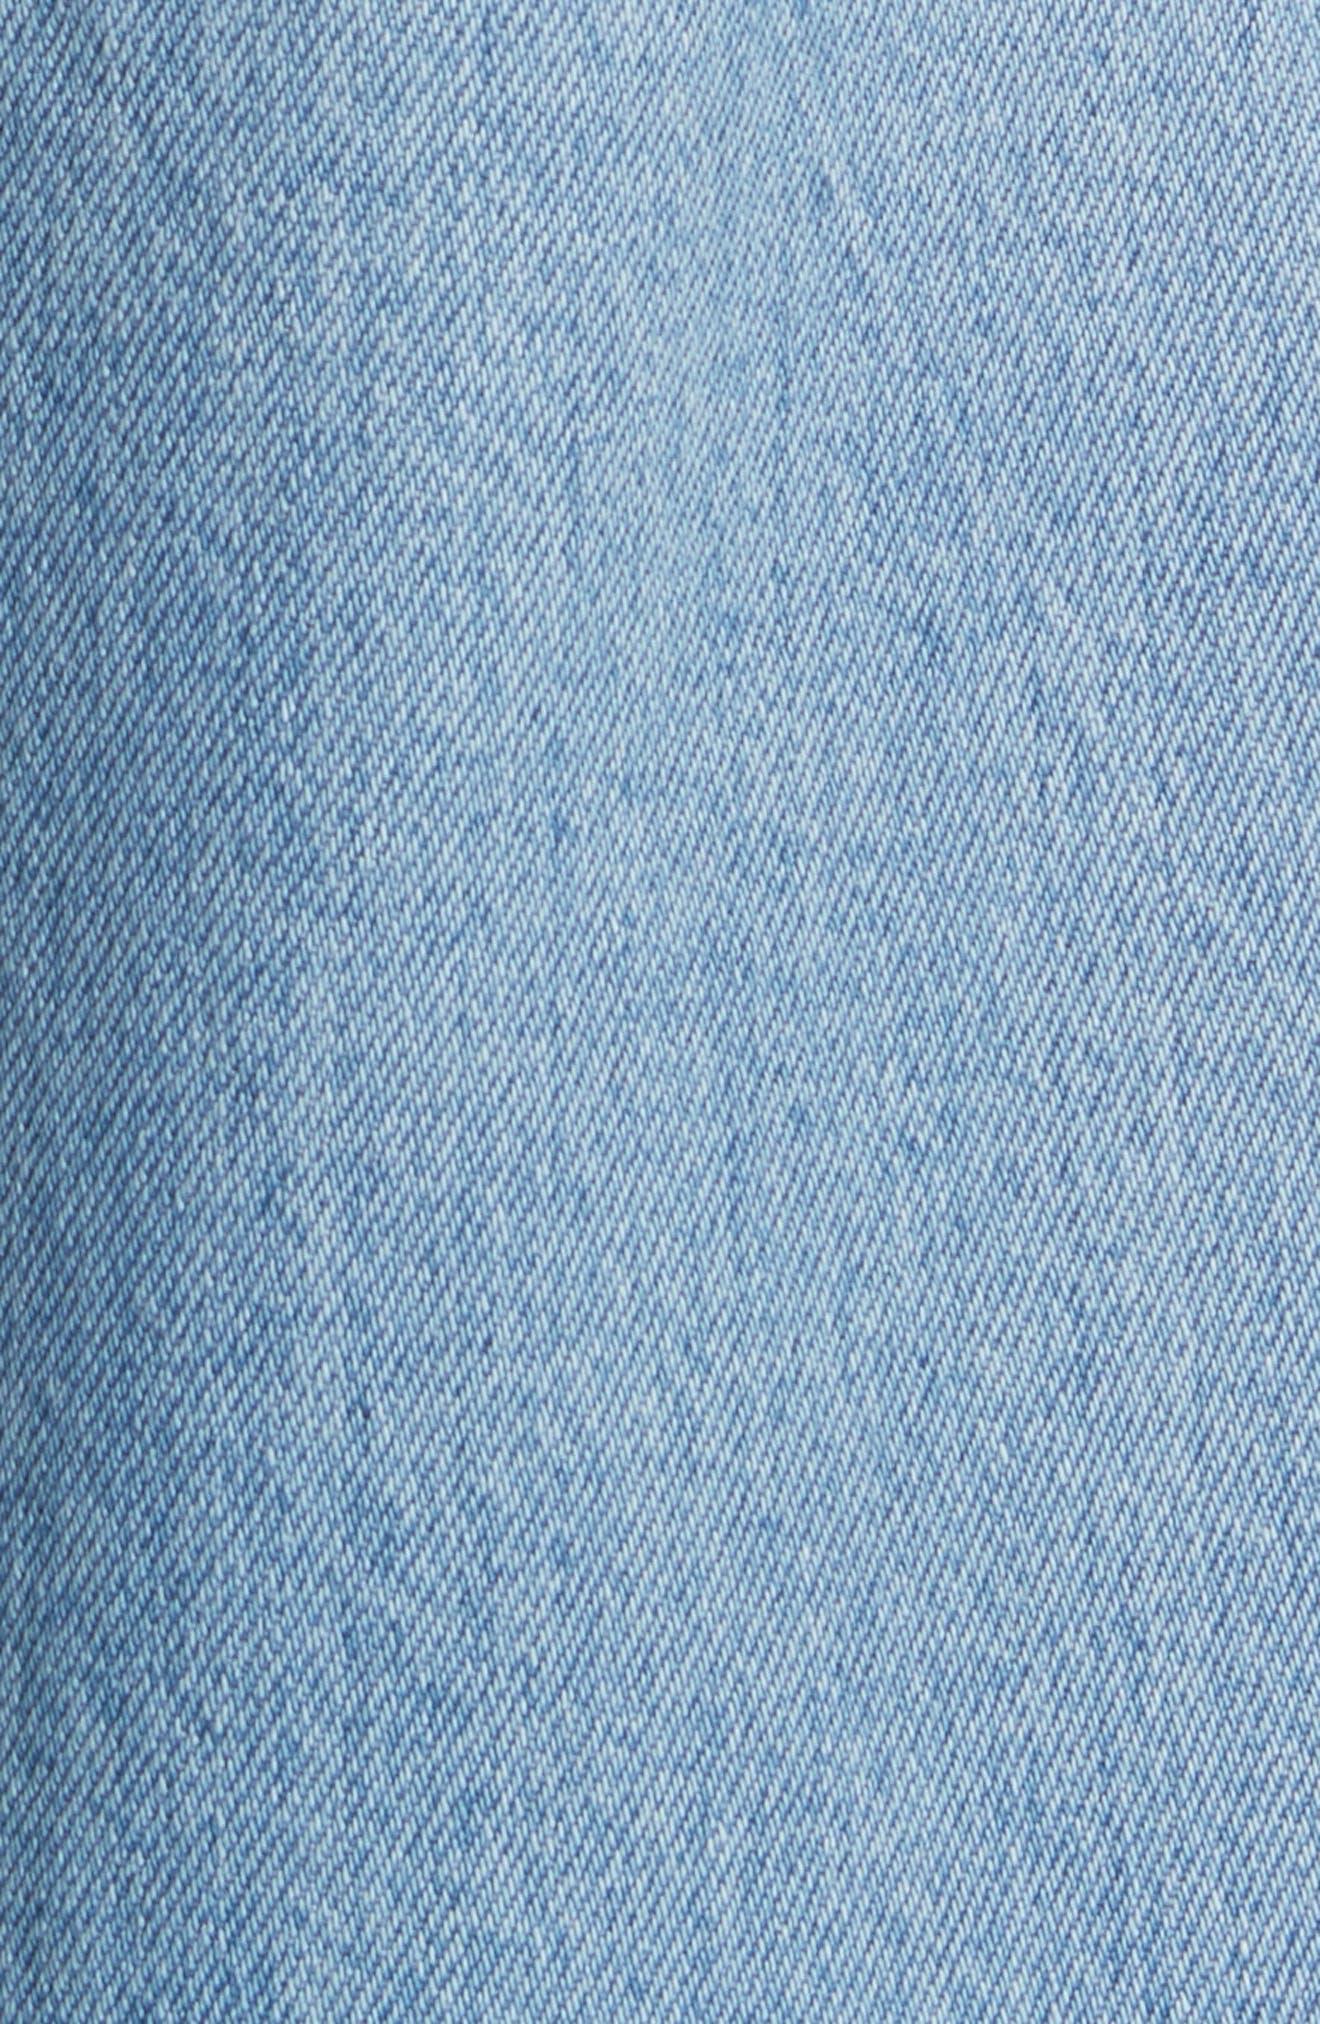 Wide Leg Carpenter Jeans,                             Alternate thumbnail 5, color,                             489